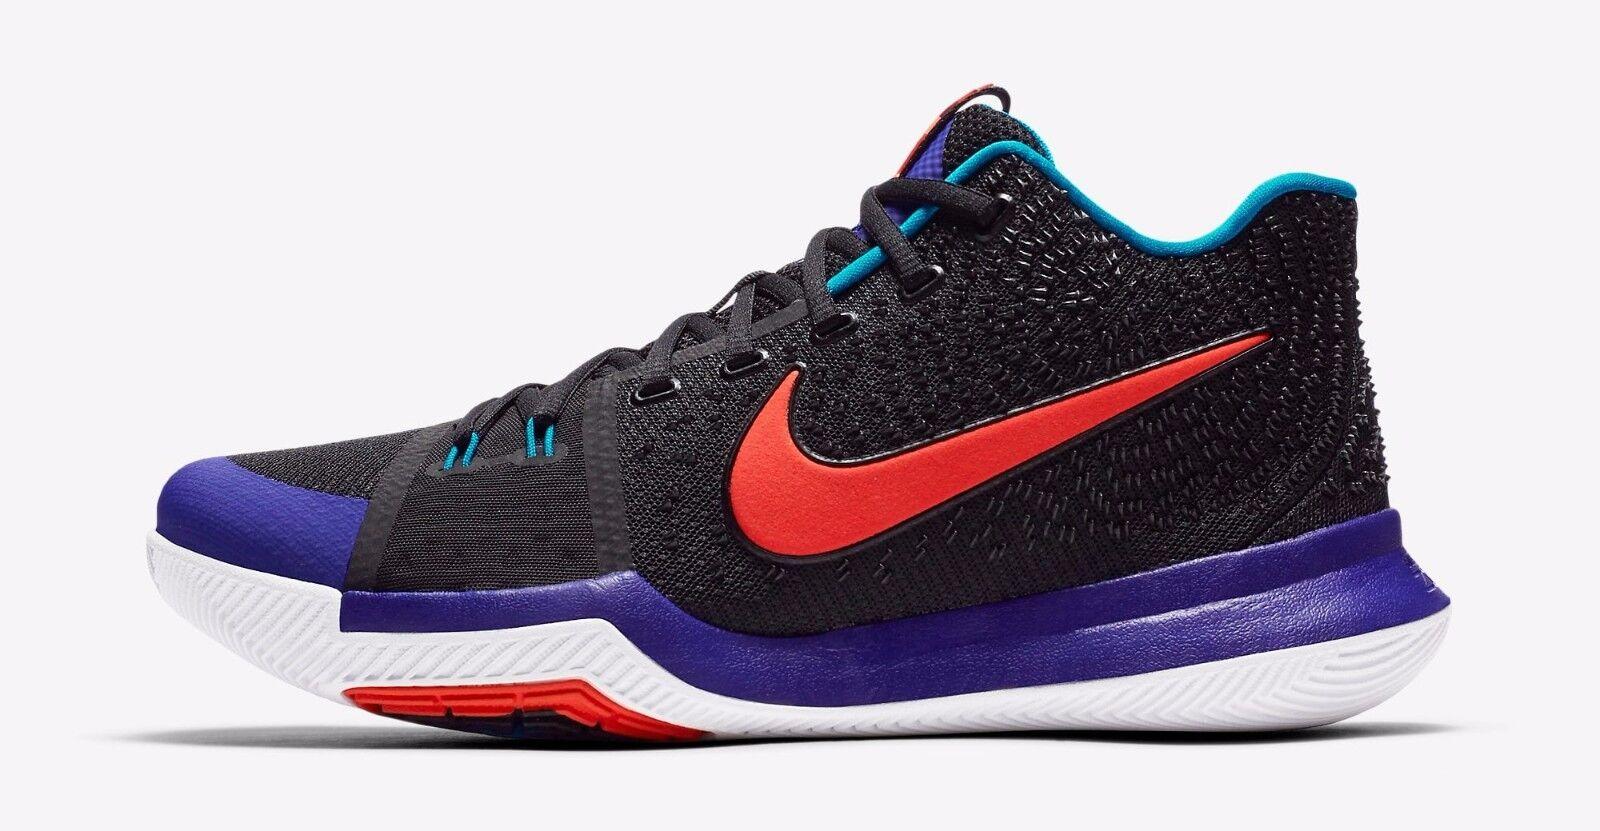 Nike Kyrie 3 Kyrache Light Black Team orange Concord Irving  852395 007